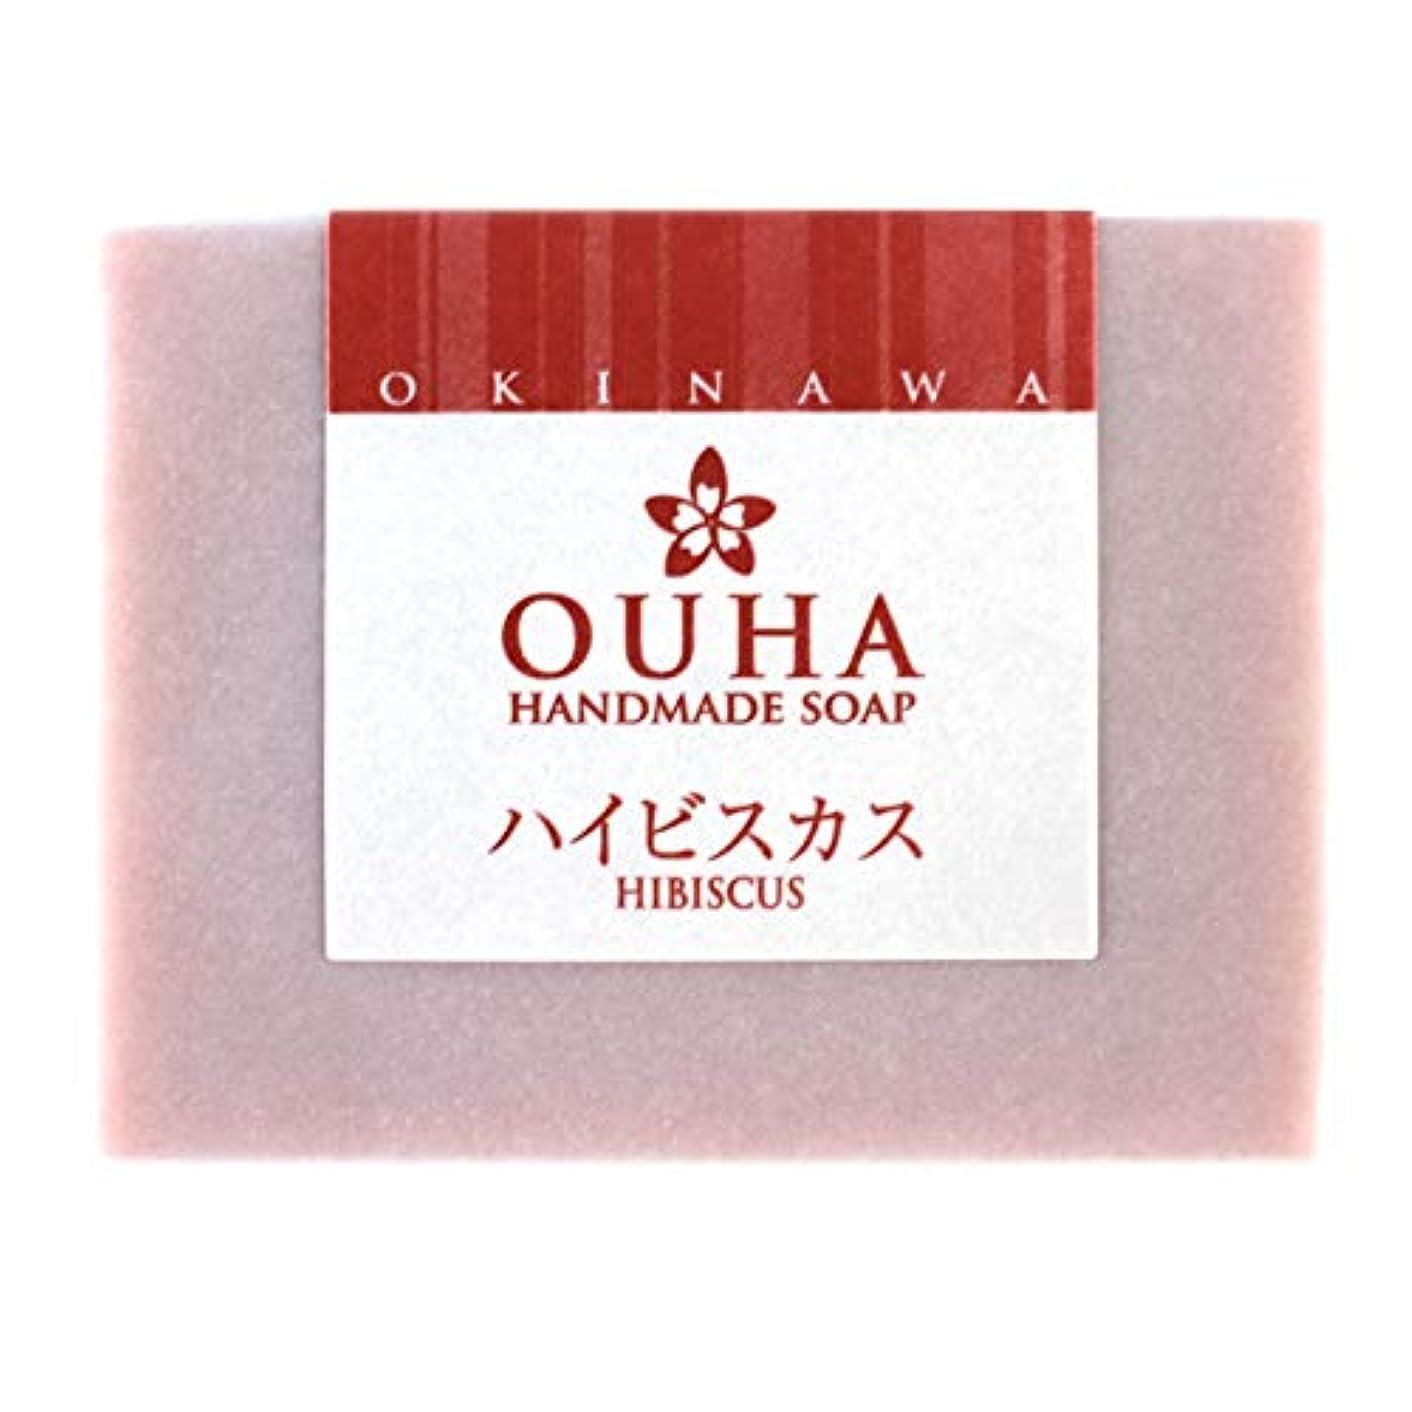 世紀ジョブストレージ沖縄手作り洗顔せっけん OUHAソープ ハイビスカス 100g×3個 保湿 ビタミンC